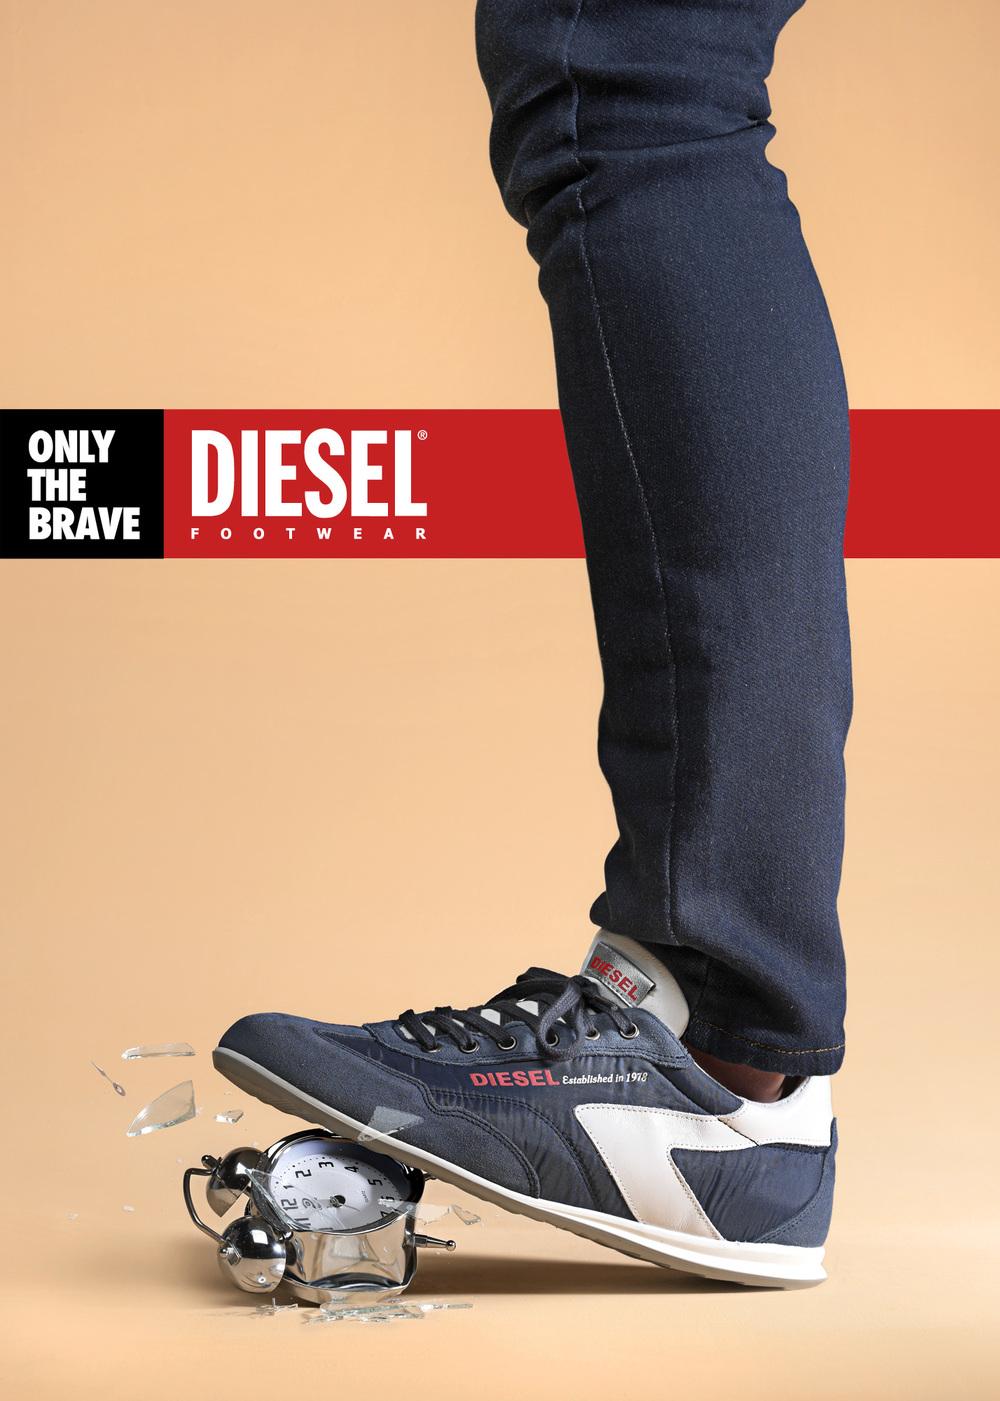 Diesel FOTO 03D_logo 2.jpg